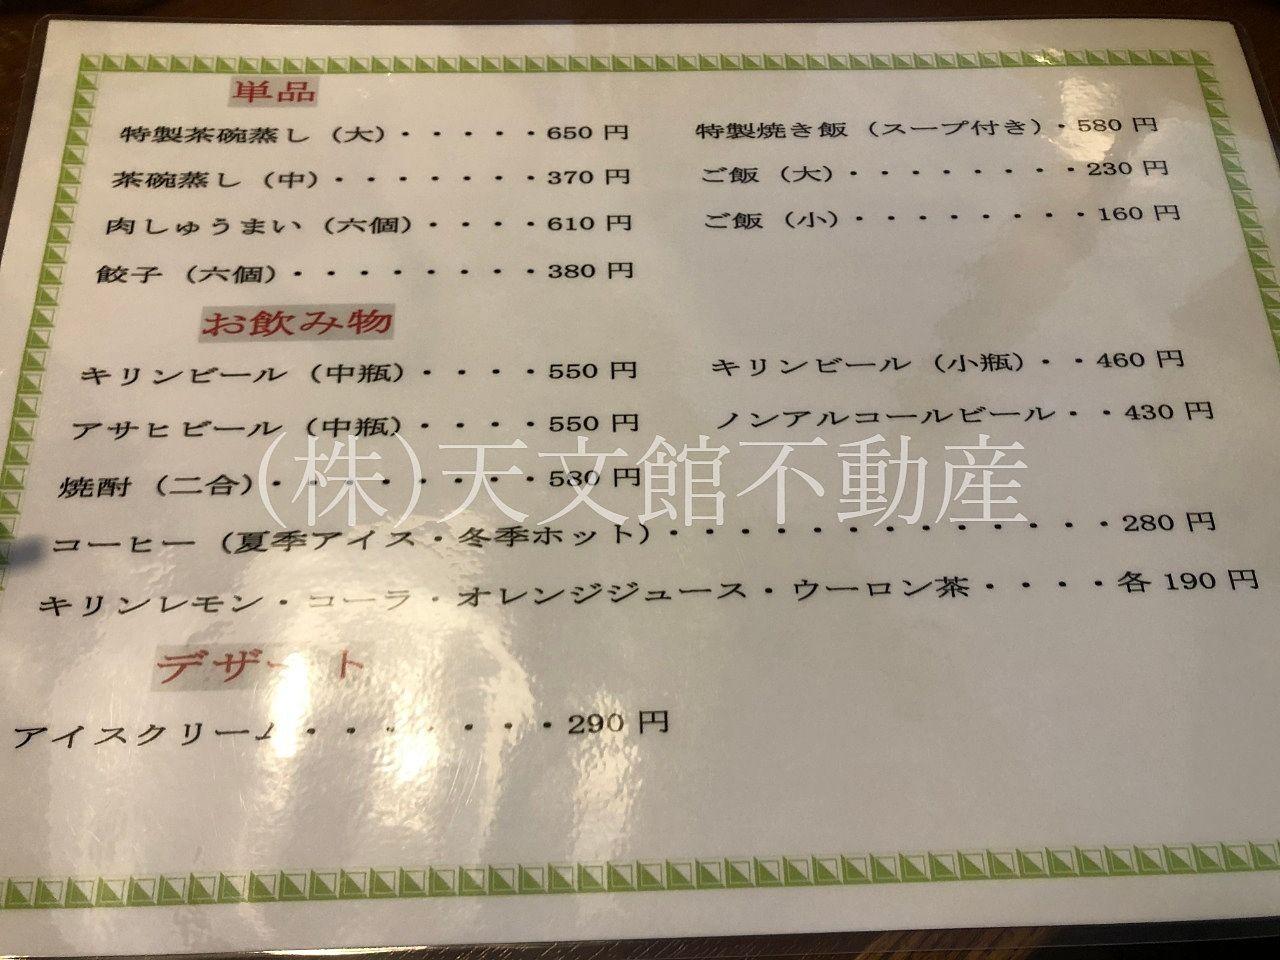 鹿児島市城山町の長崎庵というお店はランチメニュー以外に単品でも注文できるおすすめランチスポットです。